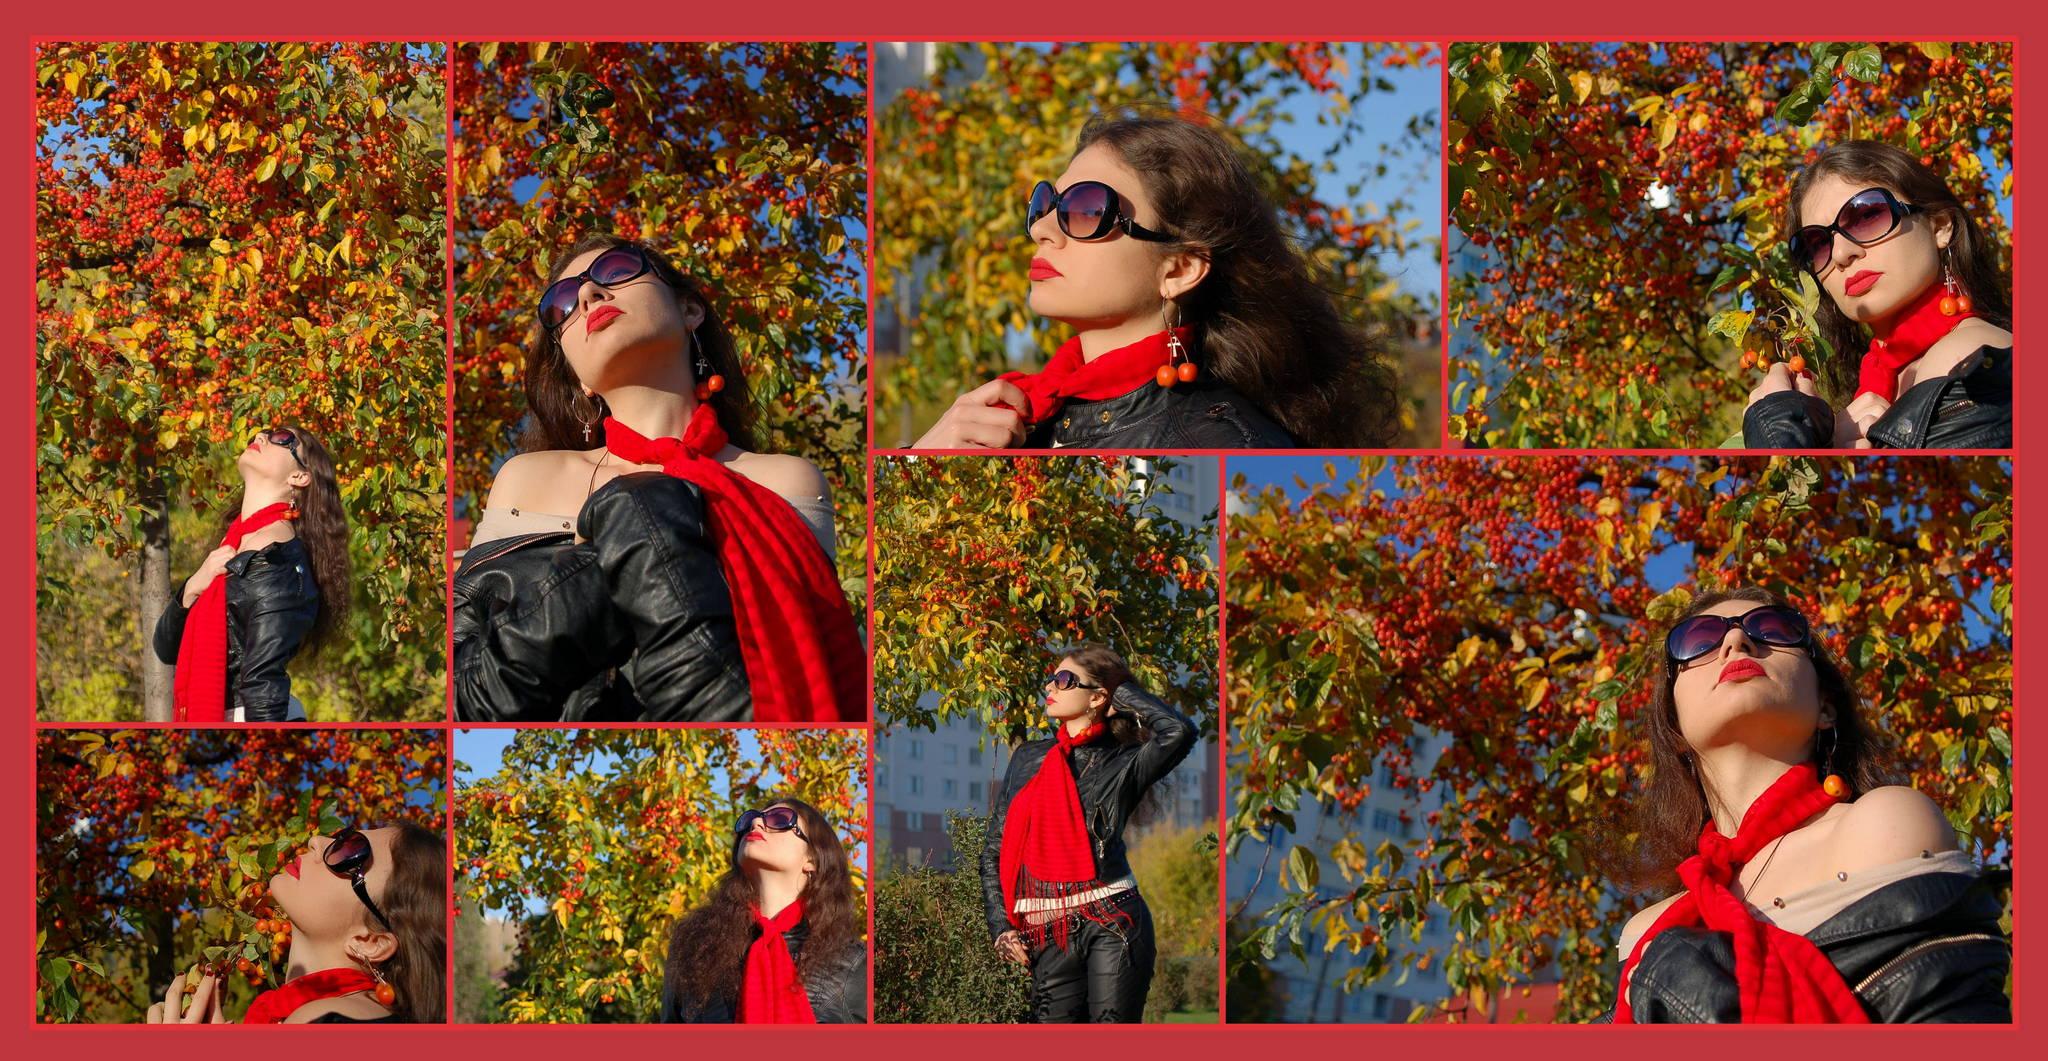 Sample photos on Nikon D50